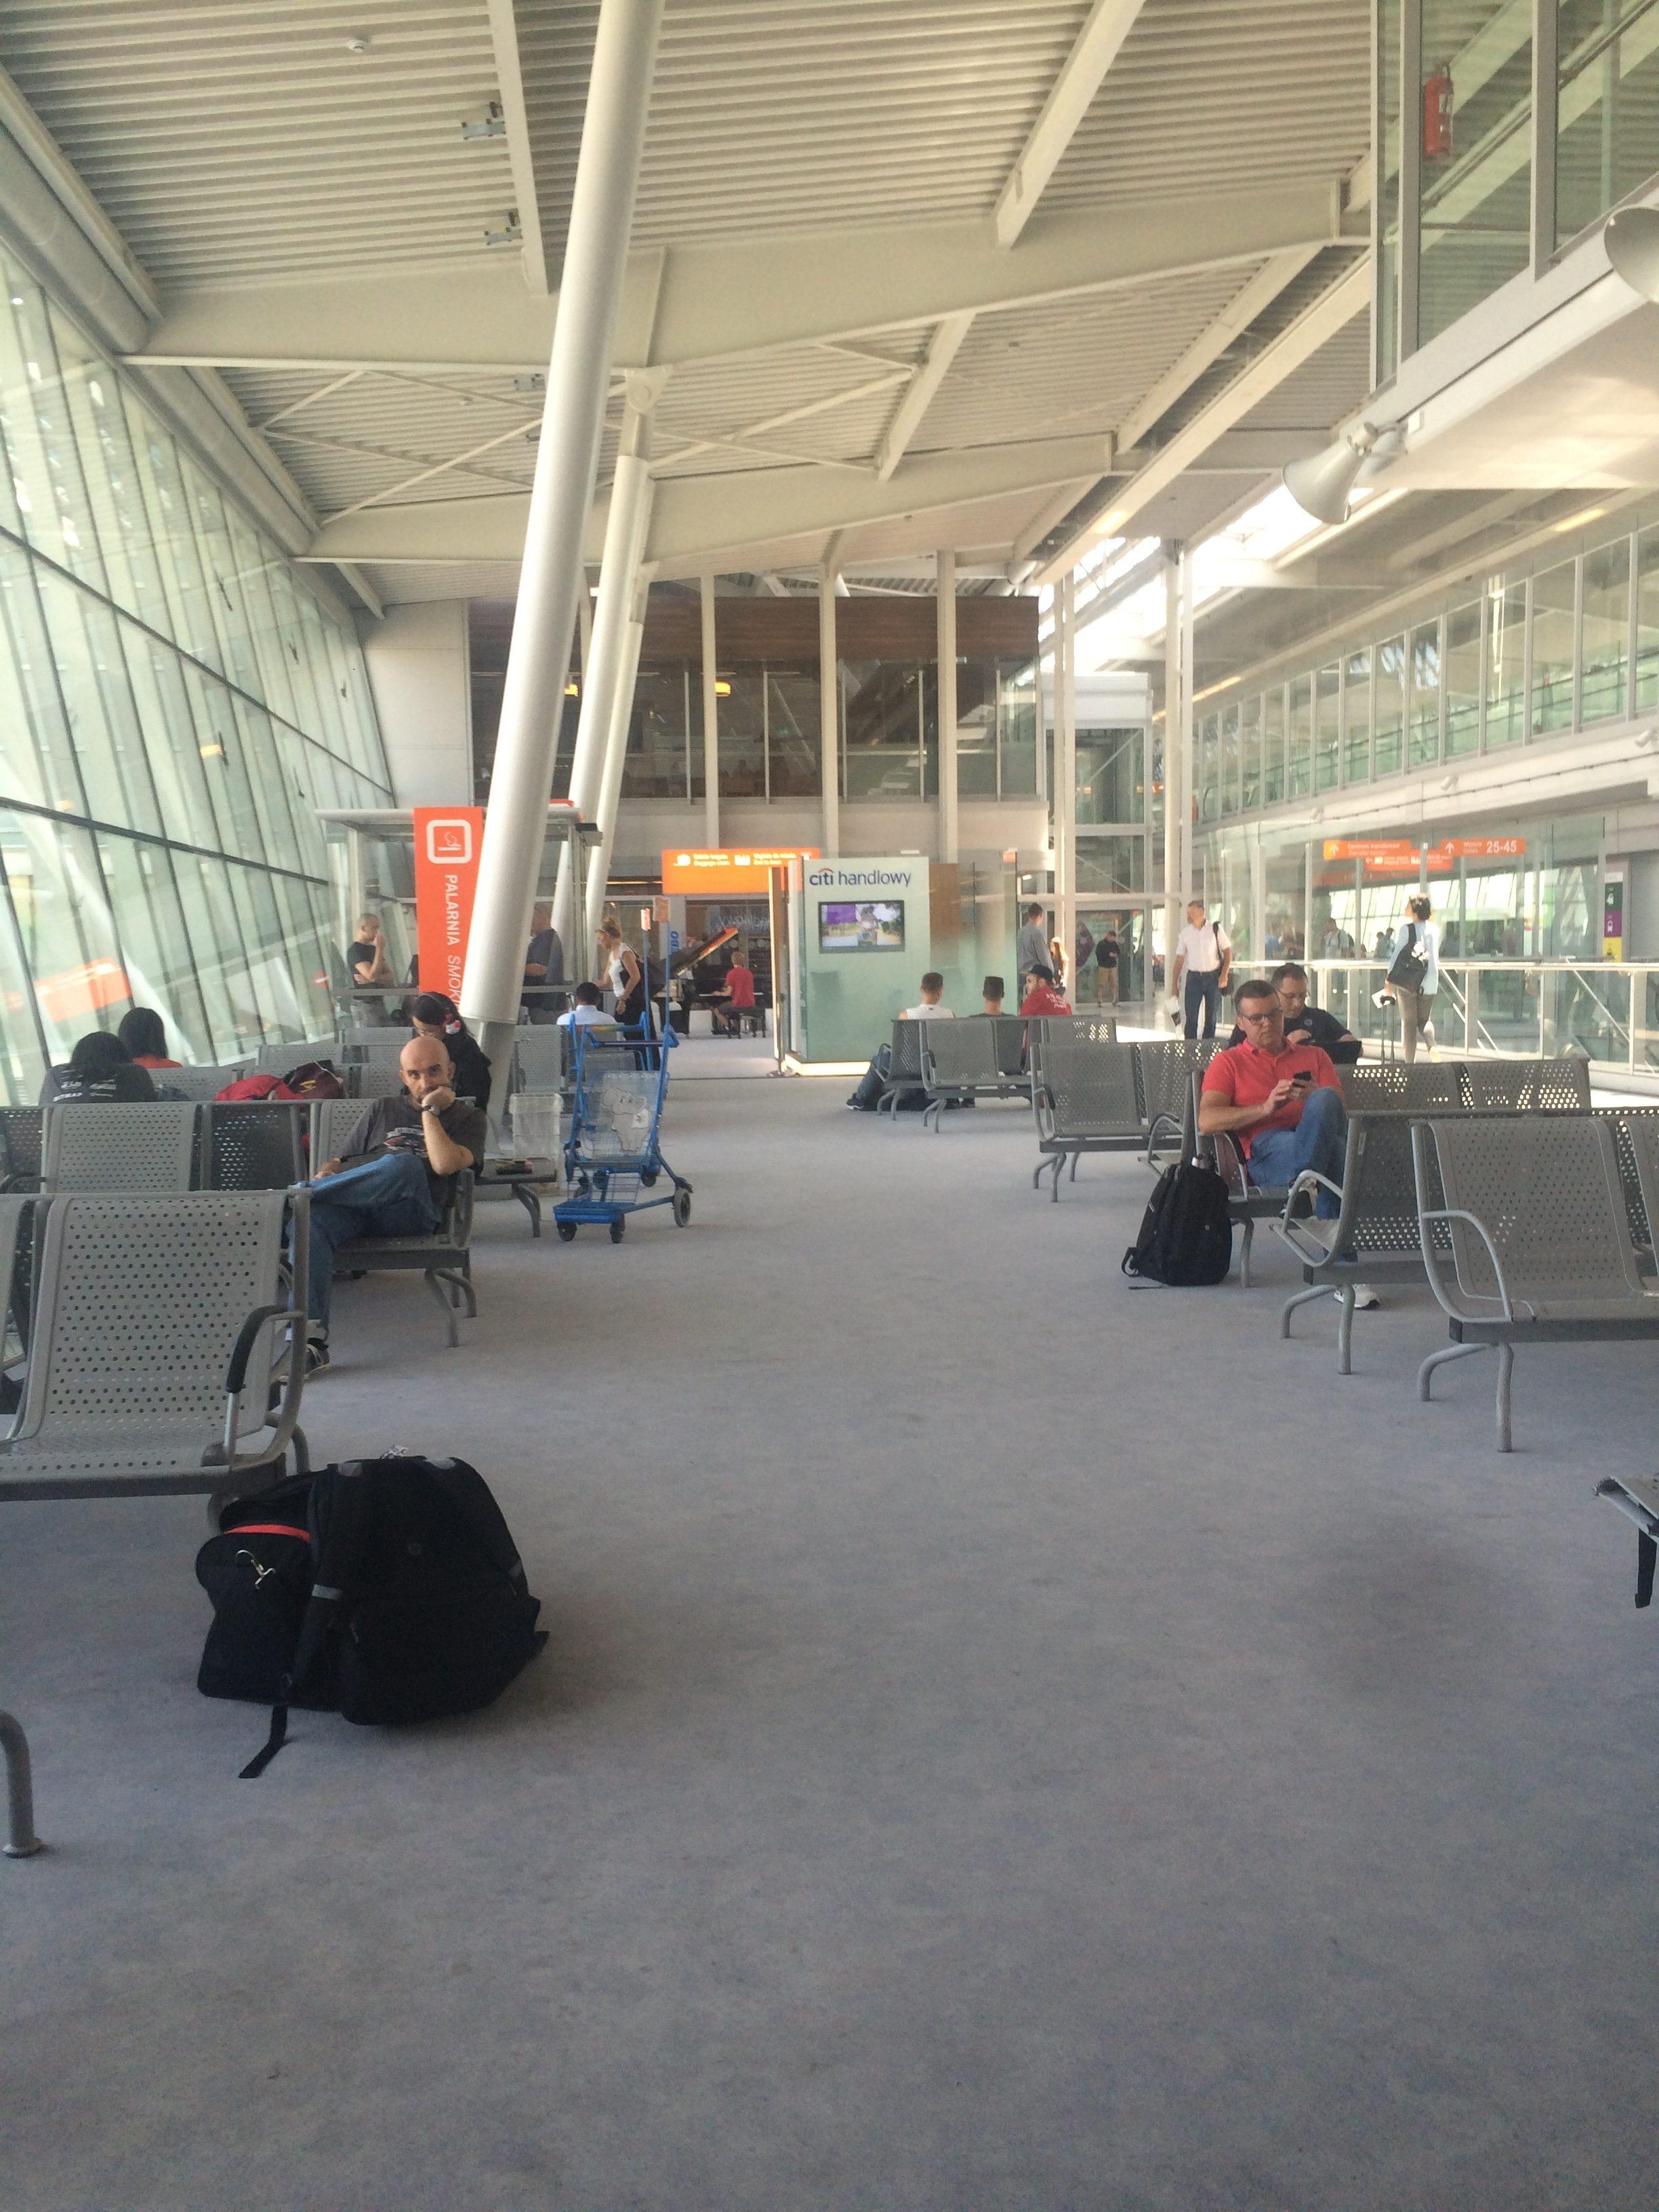 Aeroporto Waw : Warsaw chopin airport customer reviews skytrax